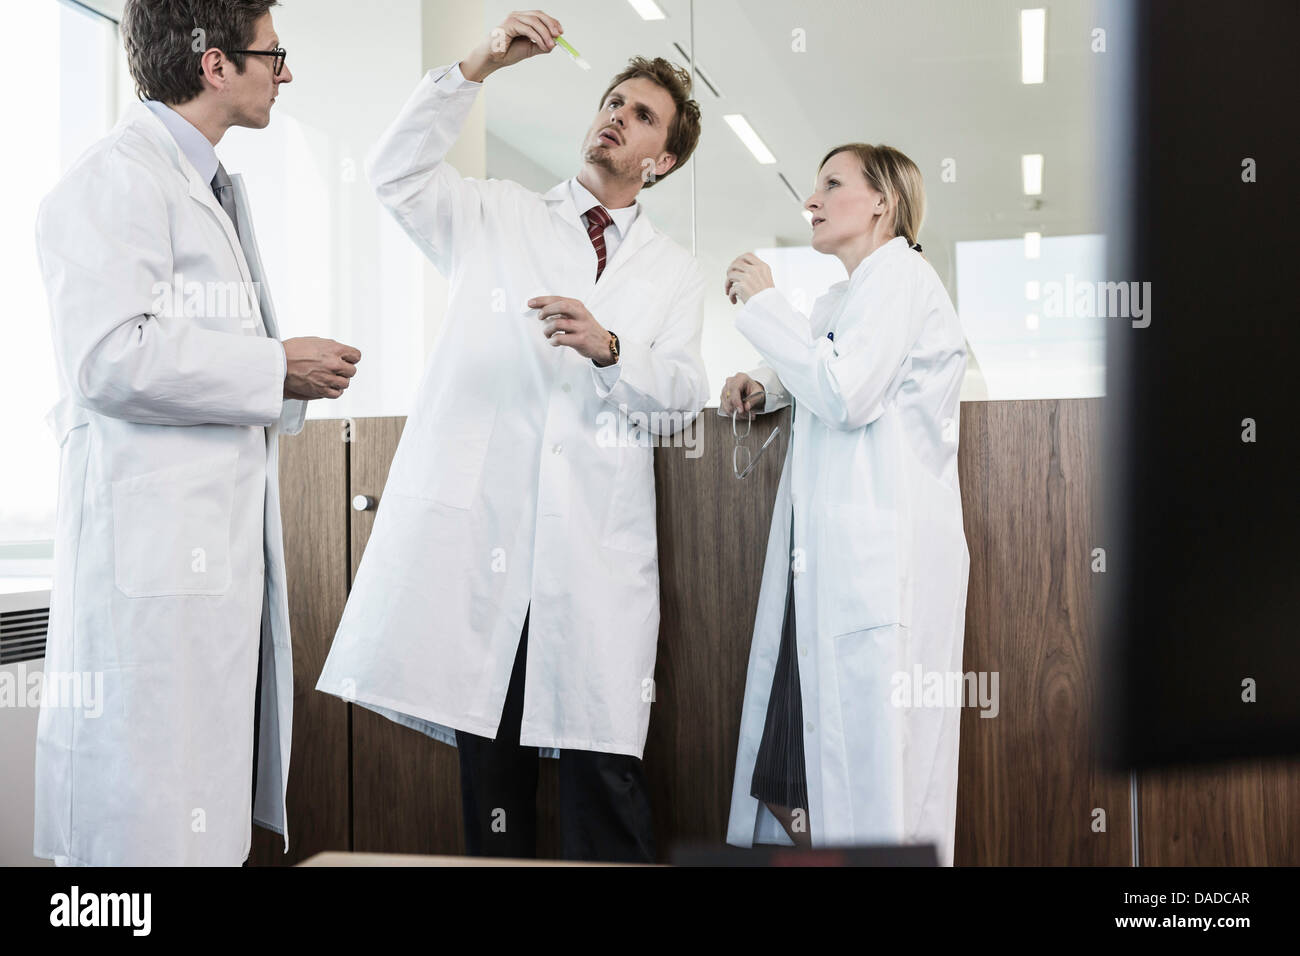 Tres personas vestidas con batas de laboratorio mirando a tubo de ensayo Imagen De Stock